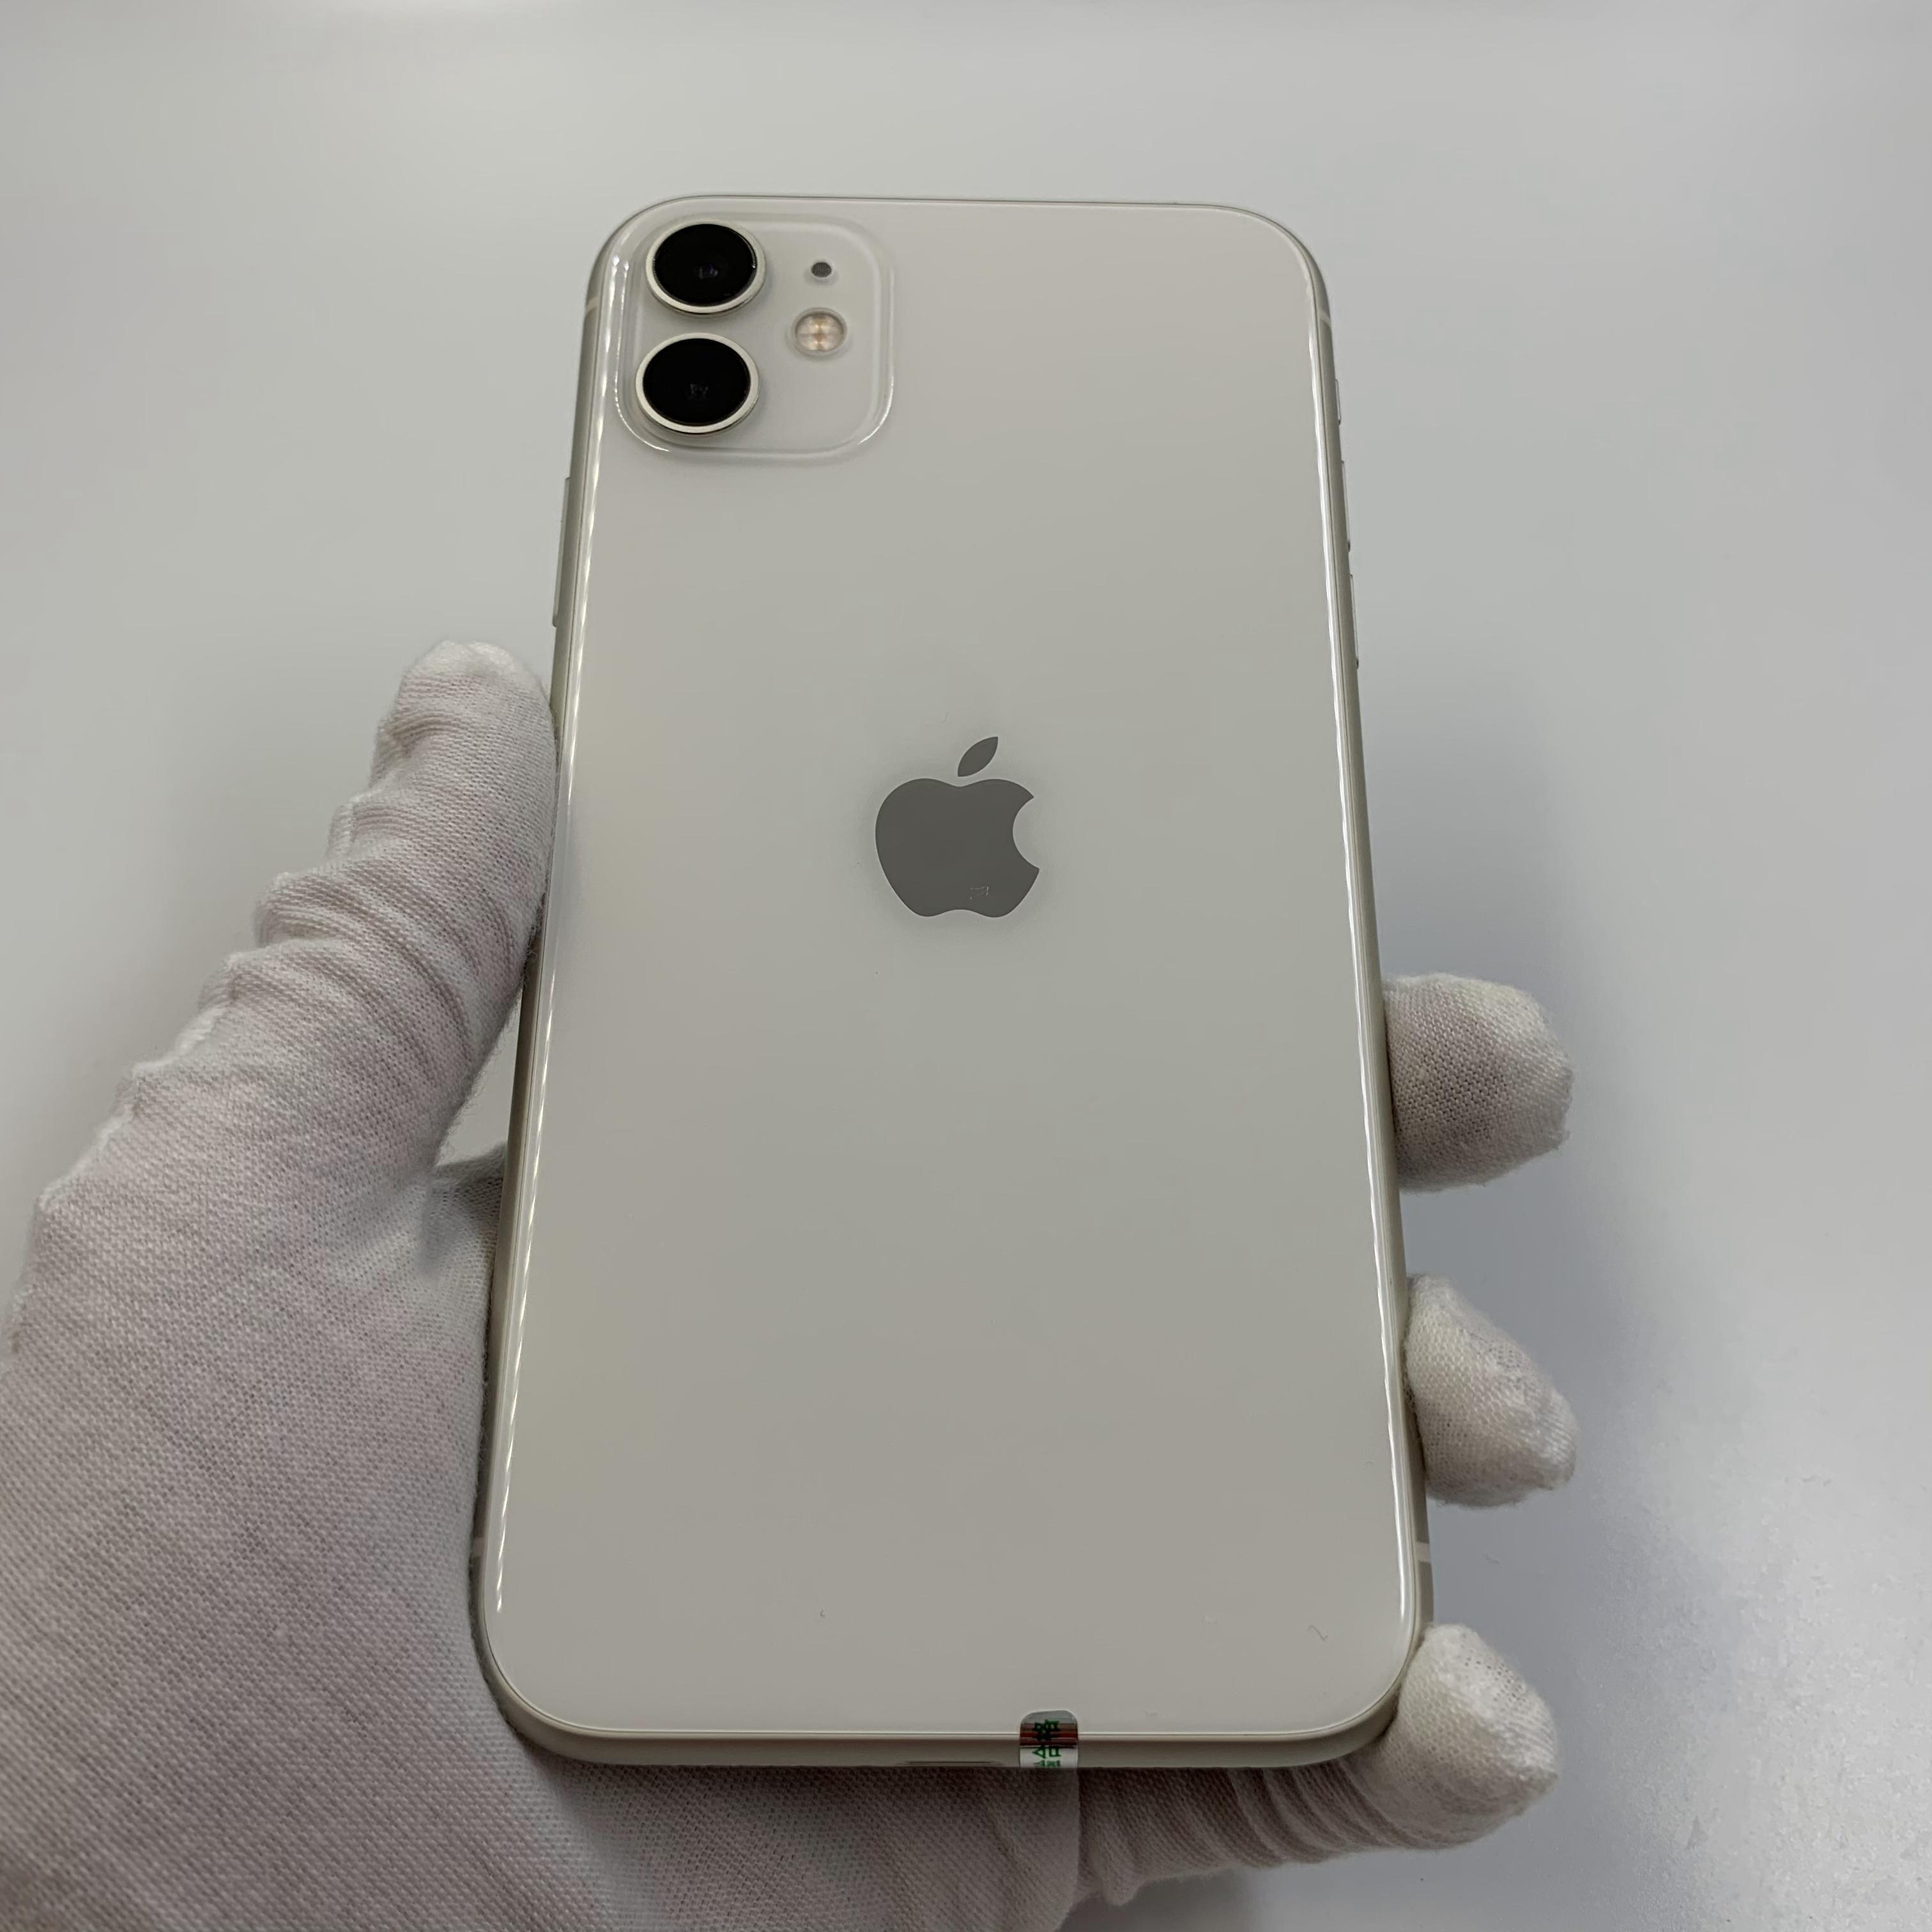 苹果【iPhone 11】4G全网通 白色 256G 国行 8成新 真机实拍